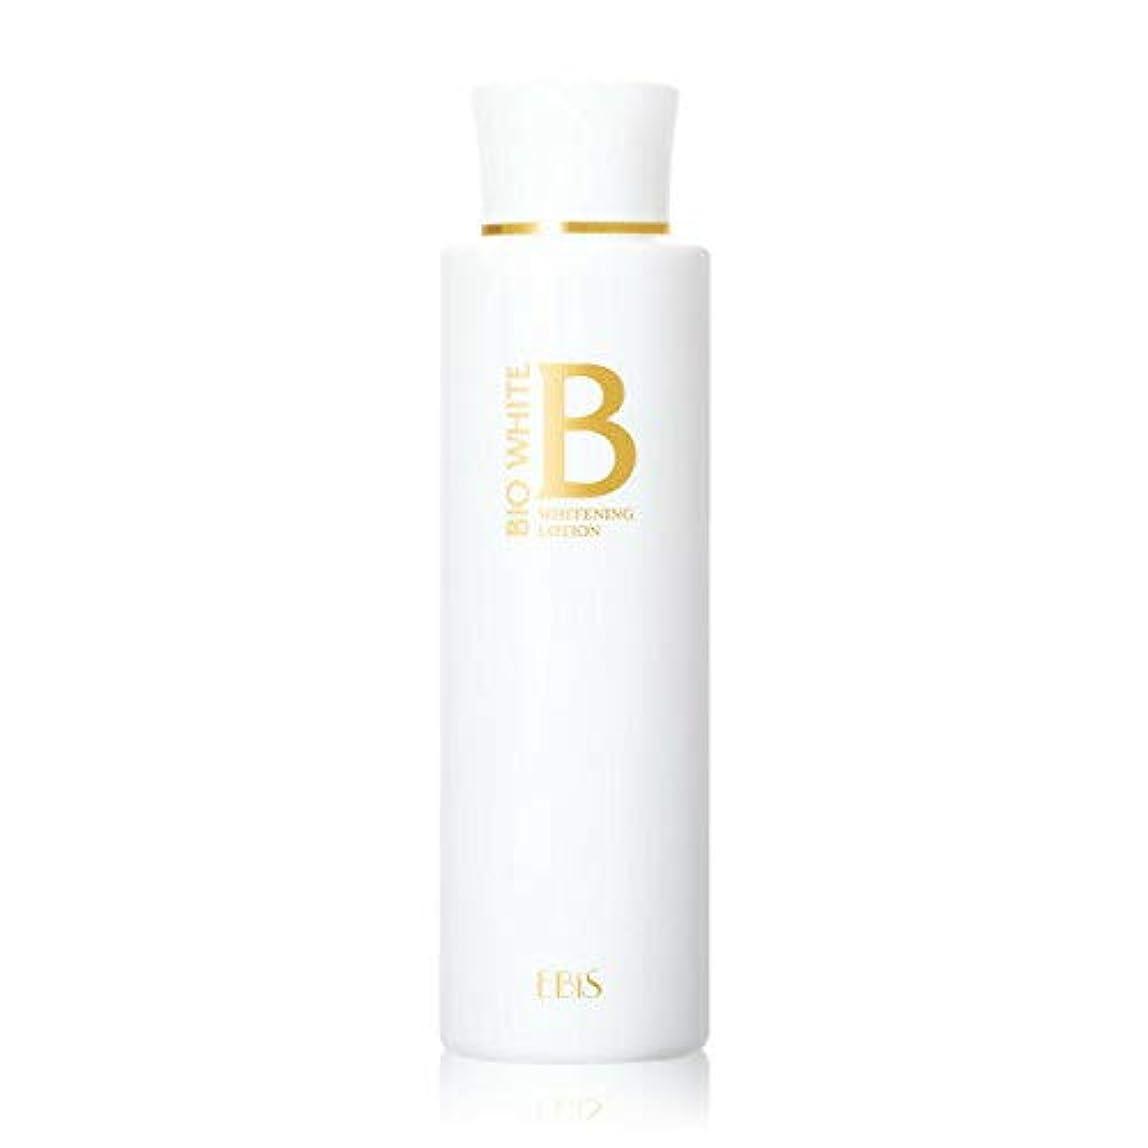 喜んで意味のある表向きエビス化粧品(EBiS) エビス ビーホワイトローション 150ml 美白化粧水 トラネキサム酸 配合 医薬部外品